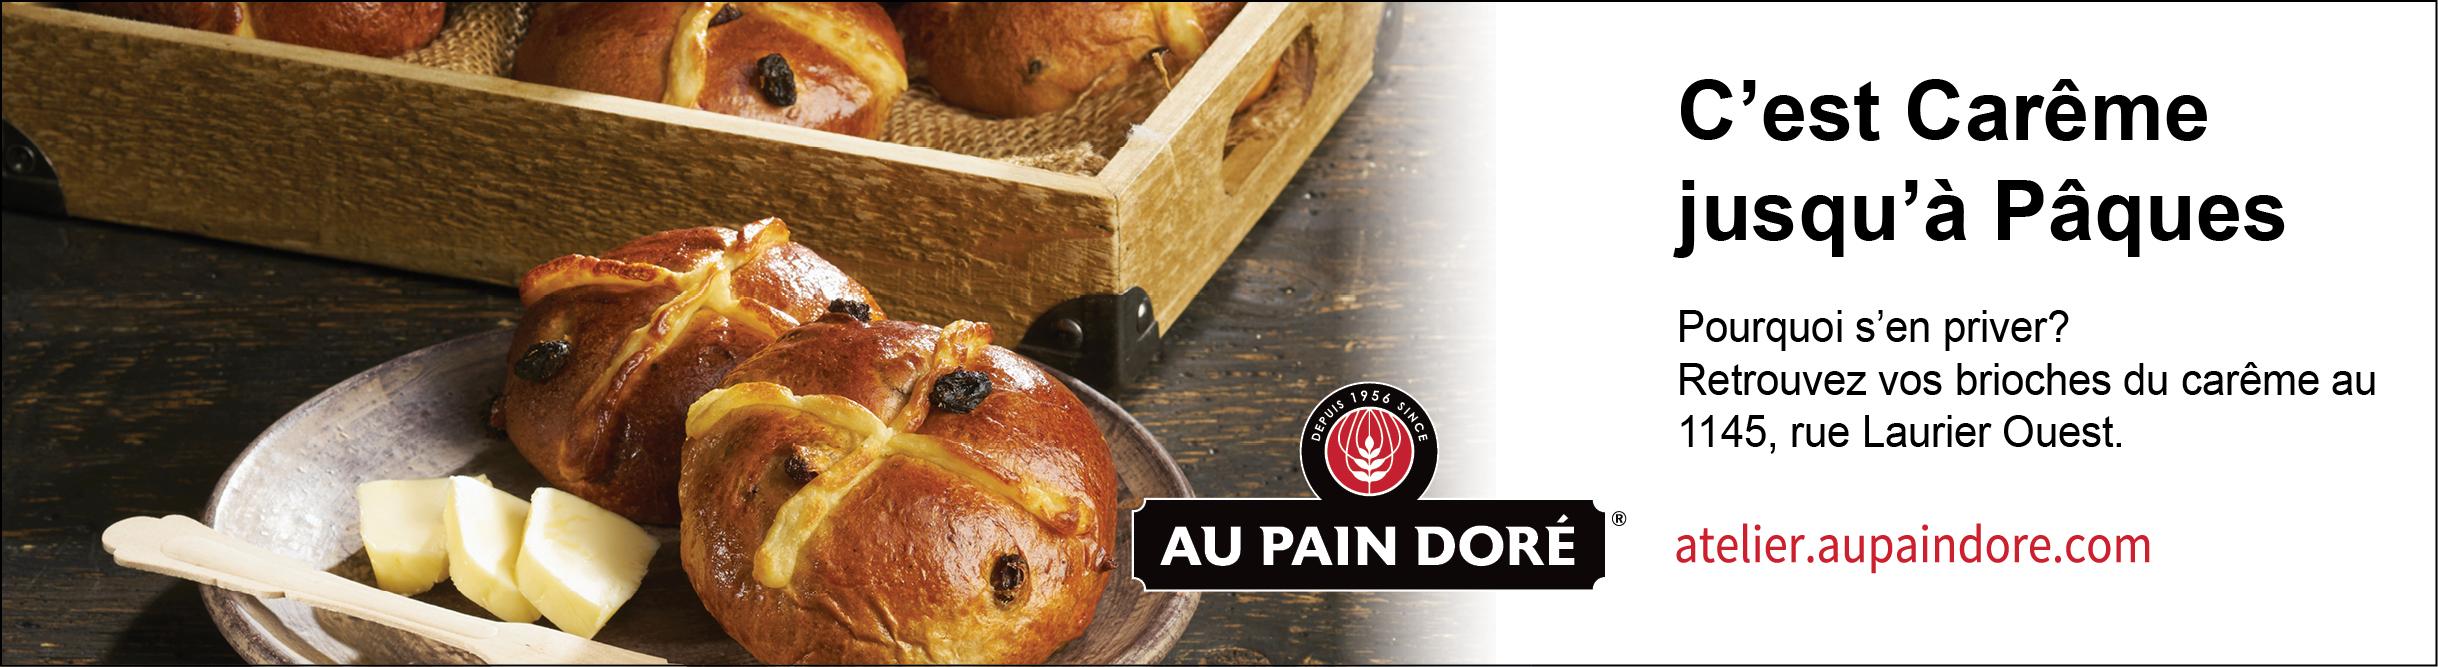 Au pain doré Laurier